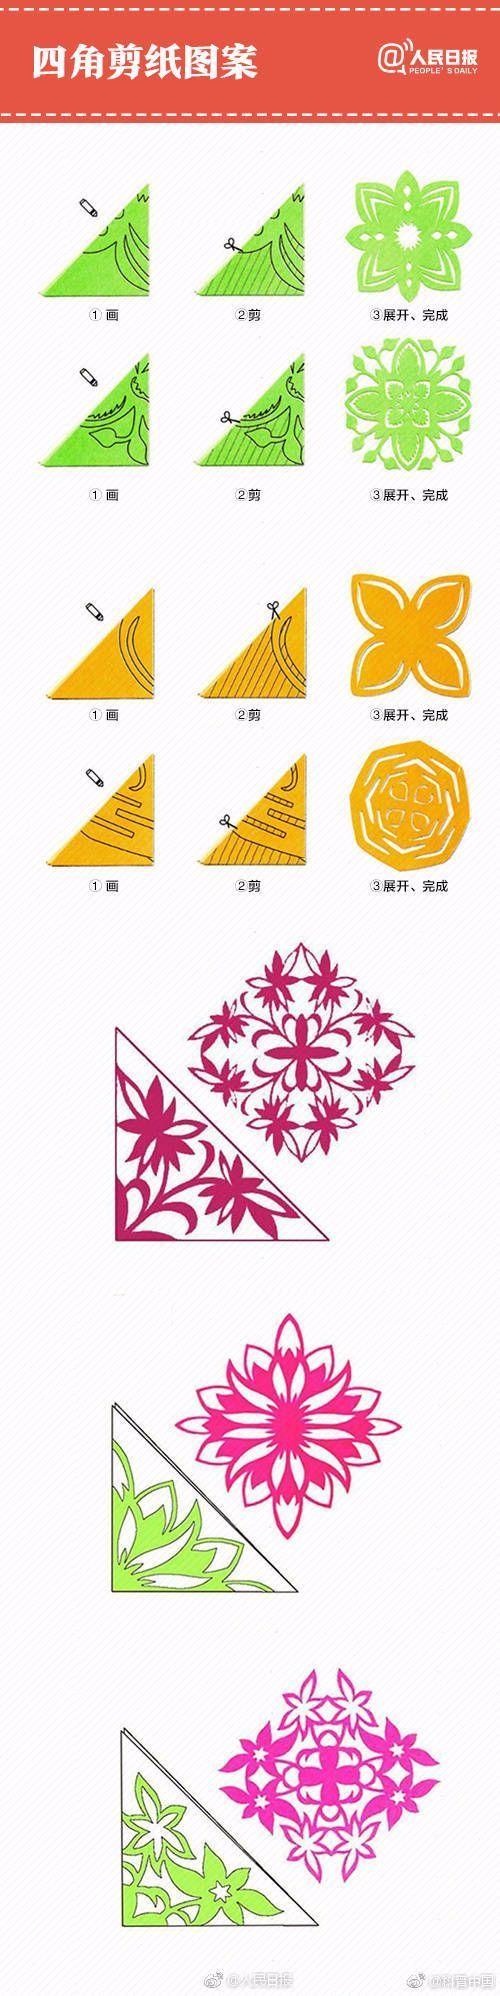 """六角,五角,四角窗花剪纸教程,开门纳""""福"""",送冬迎""""春""""窗花…看图学习"""